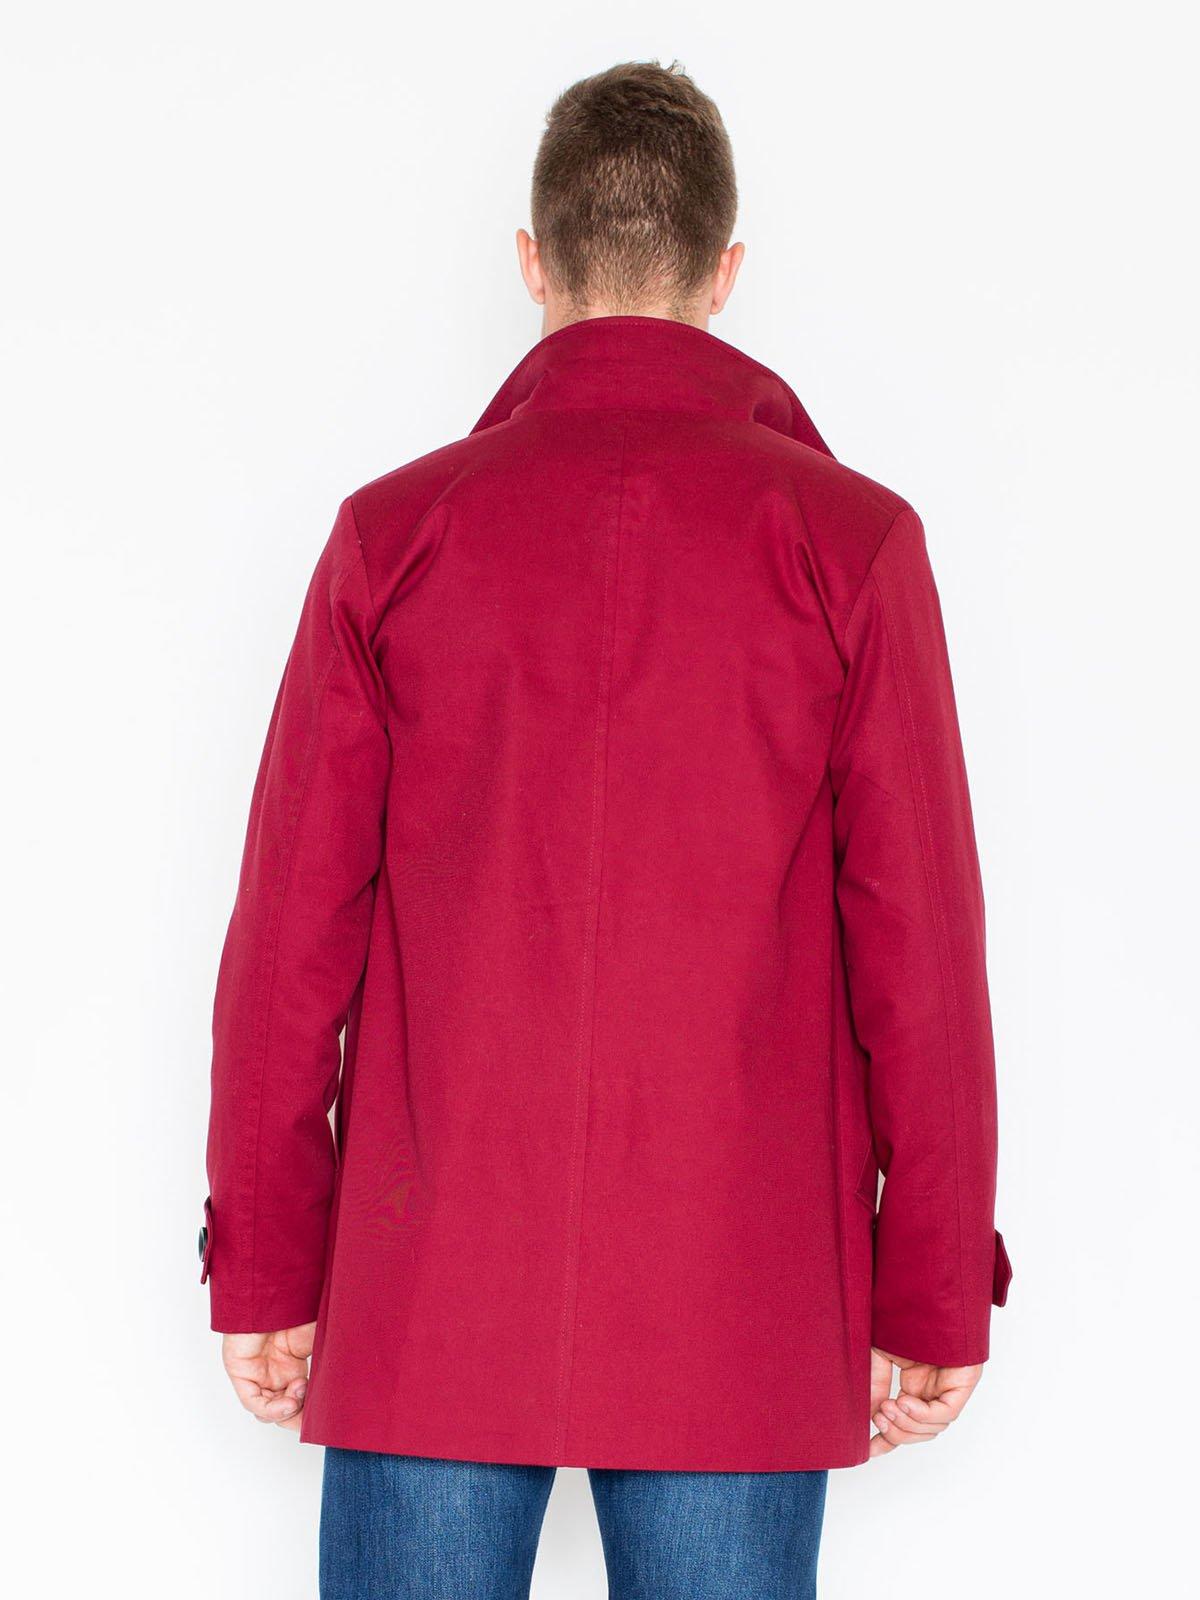 Пальто малиновое | 3464943 | фото 5